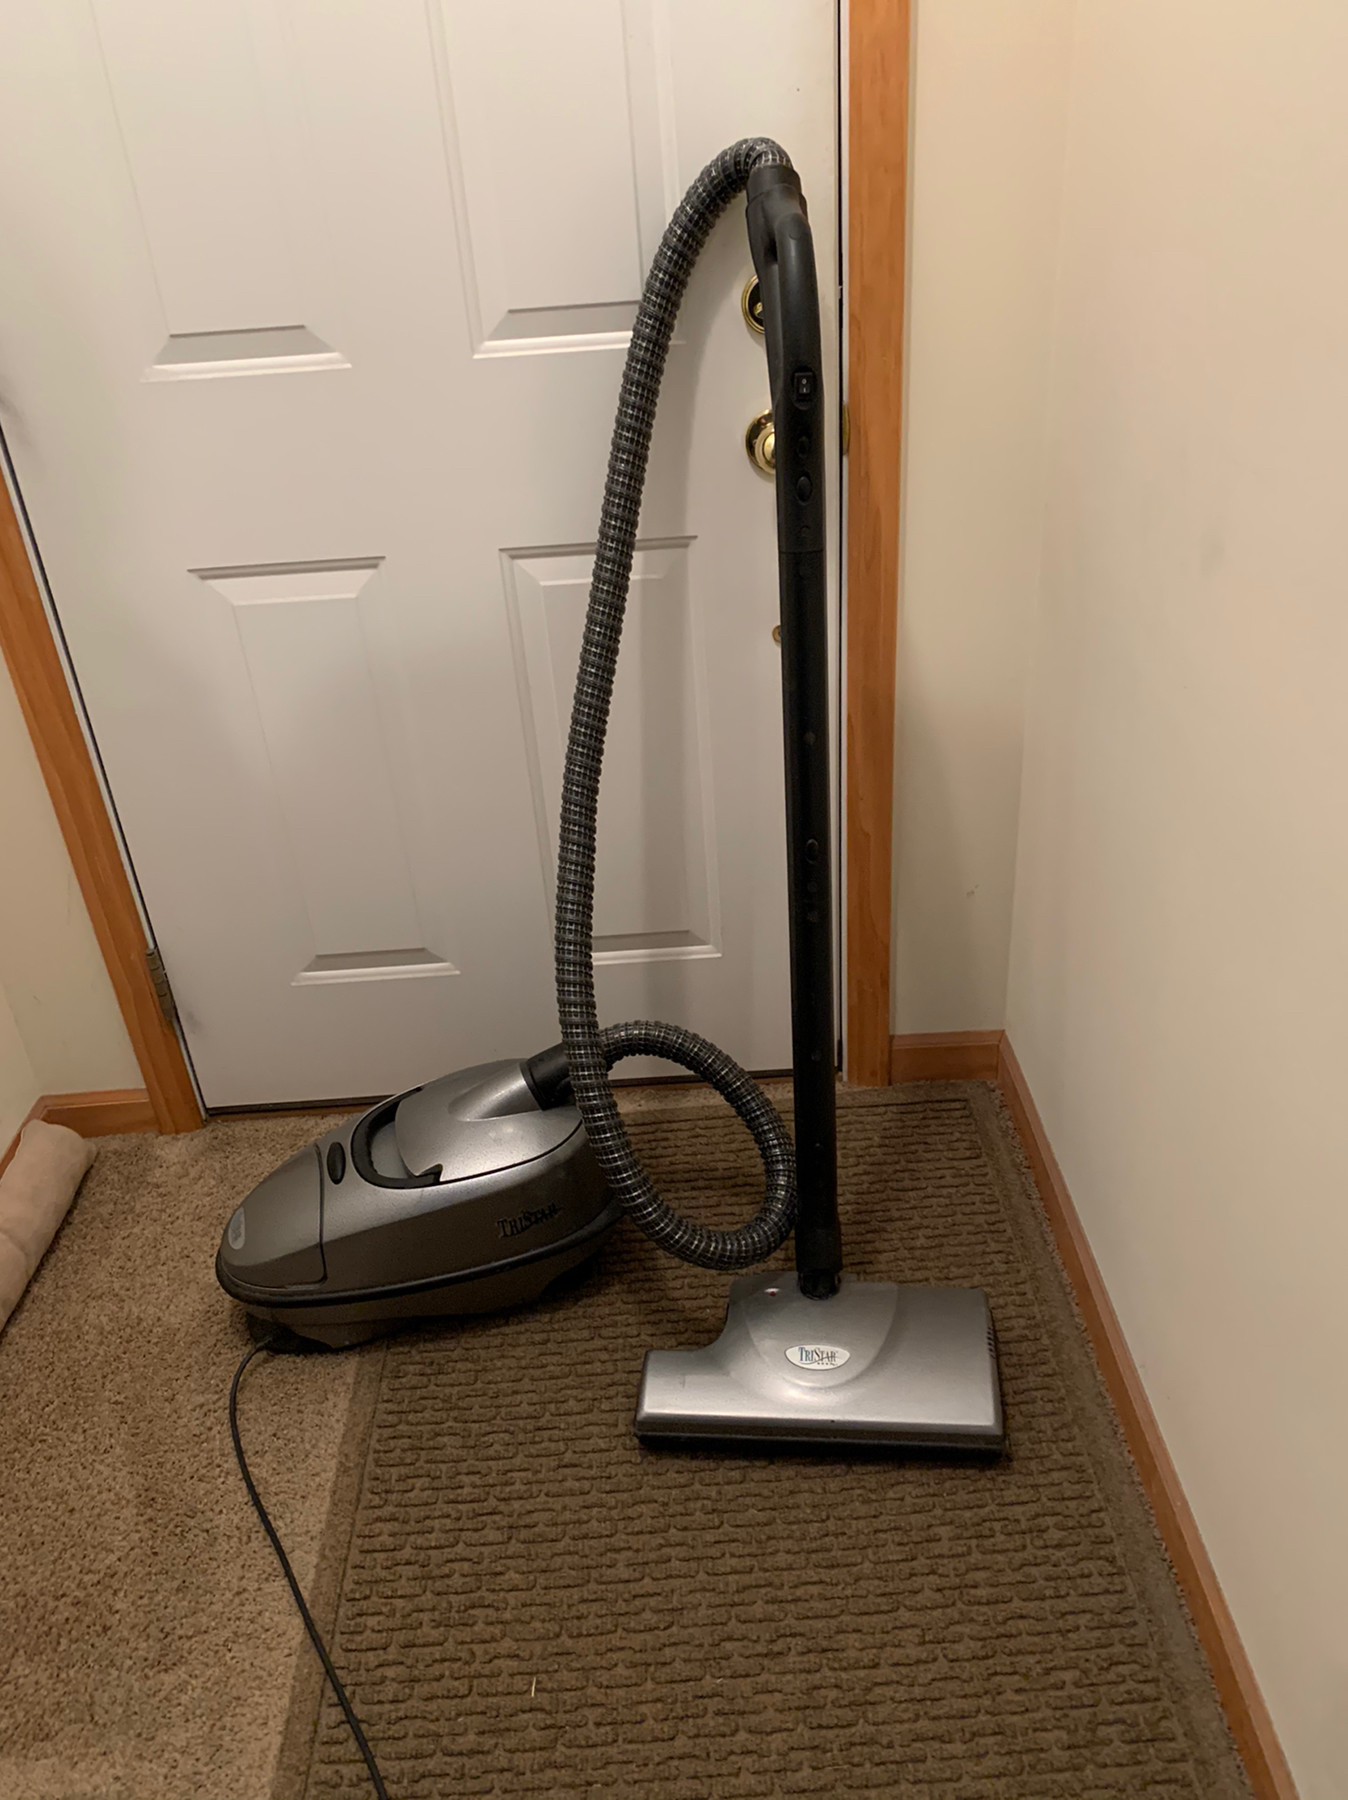 Tristar vacuum cleaner